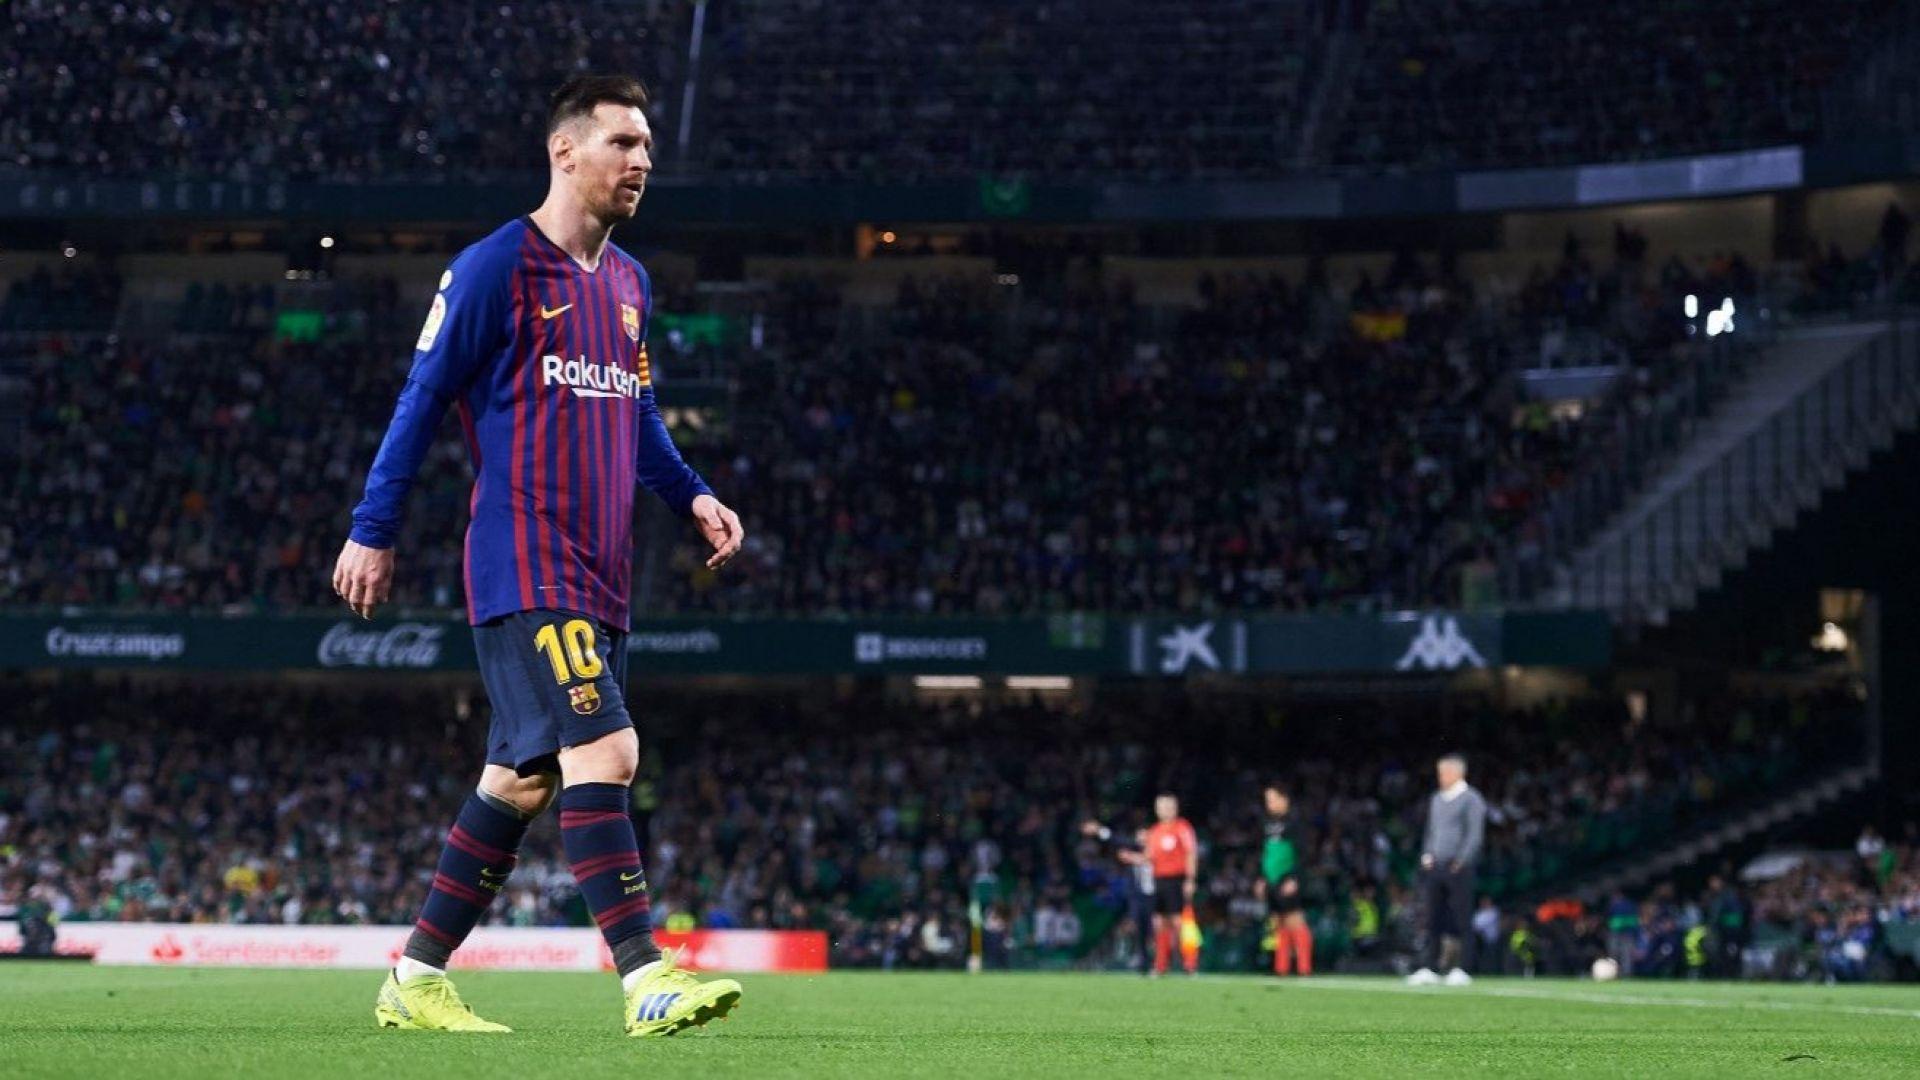 Анализ: Как Барселона - най-богатият клуб в света, е във финансова криза?